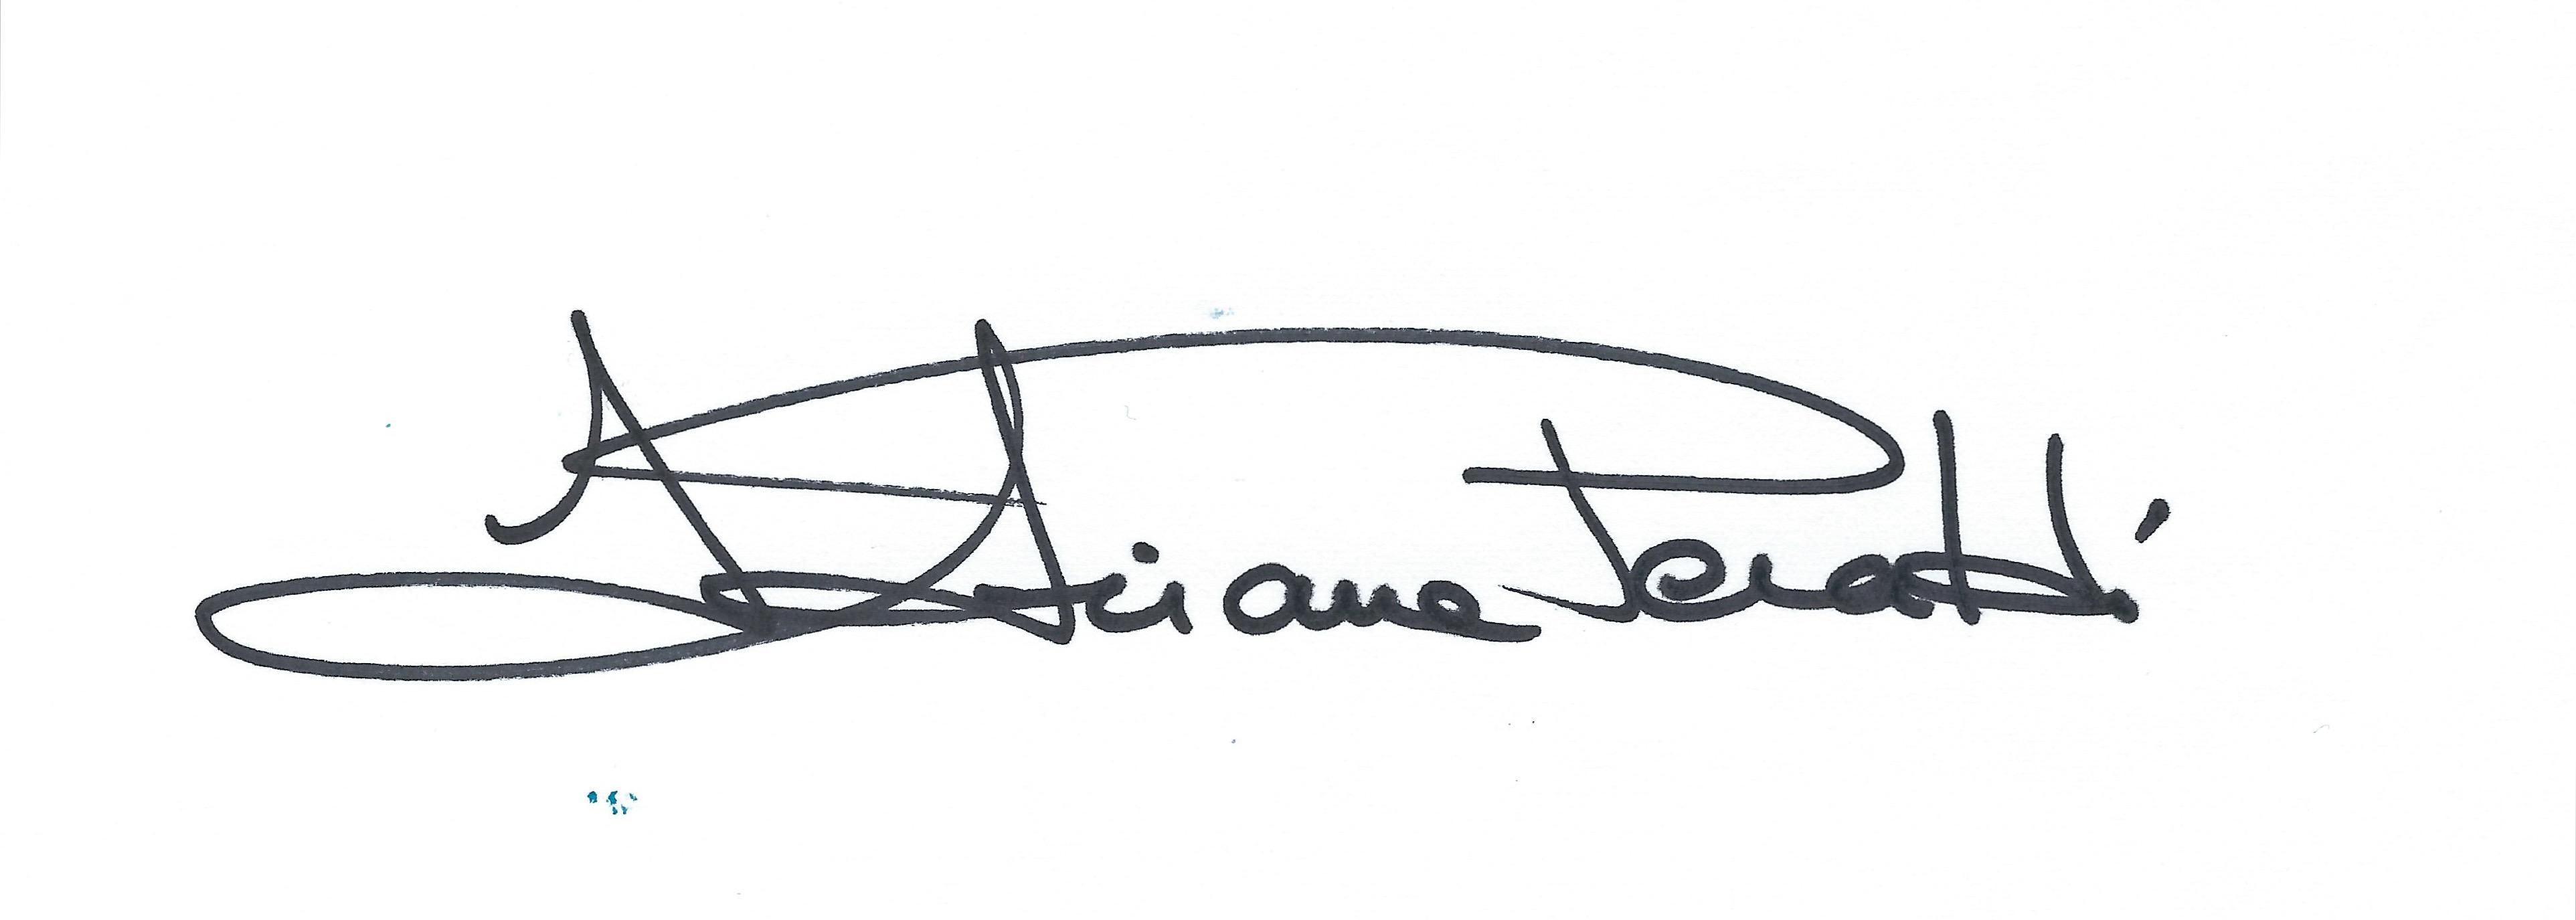 ADRIANA PERALDI Signature